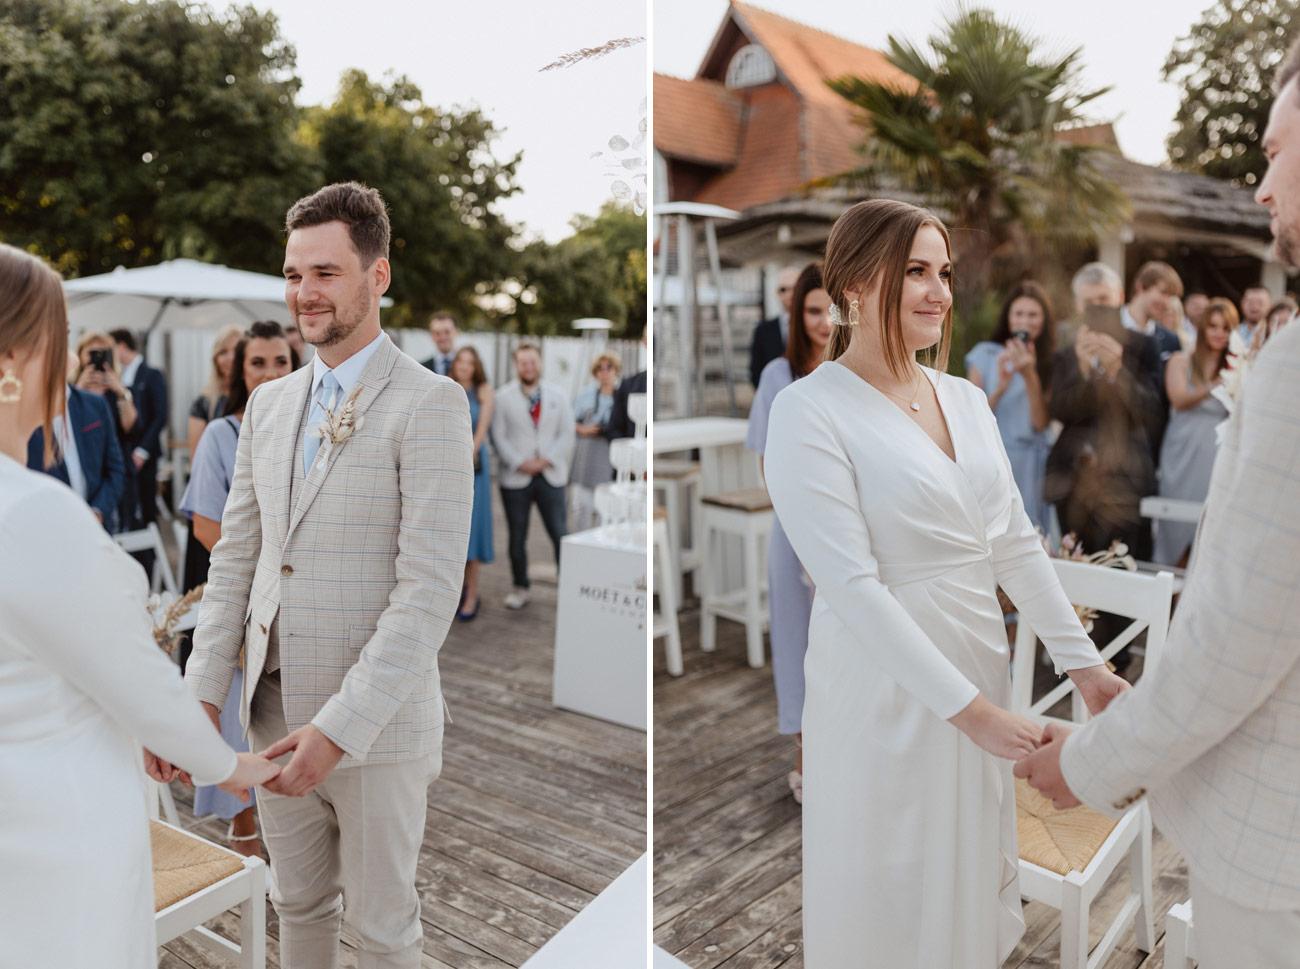 Minimalistyczny ślub na plaży | White Marlin A+K 47 242 alebosco ceremonia na plazy ak white marlin